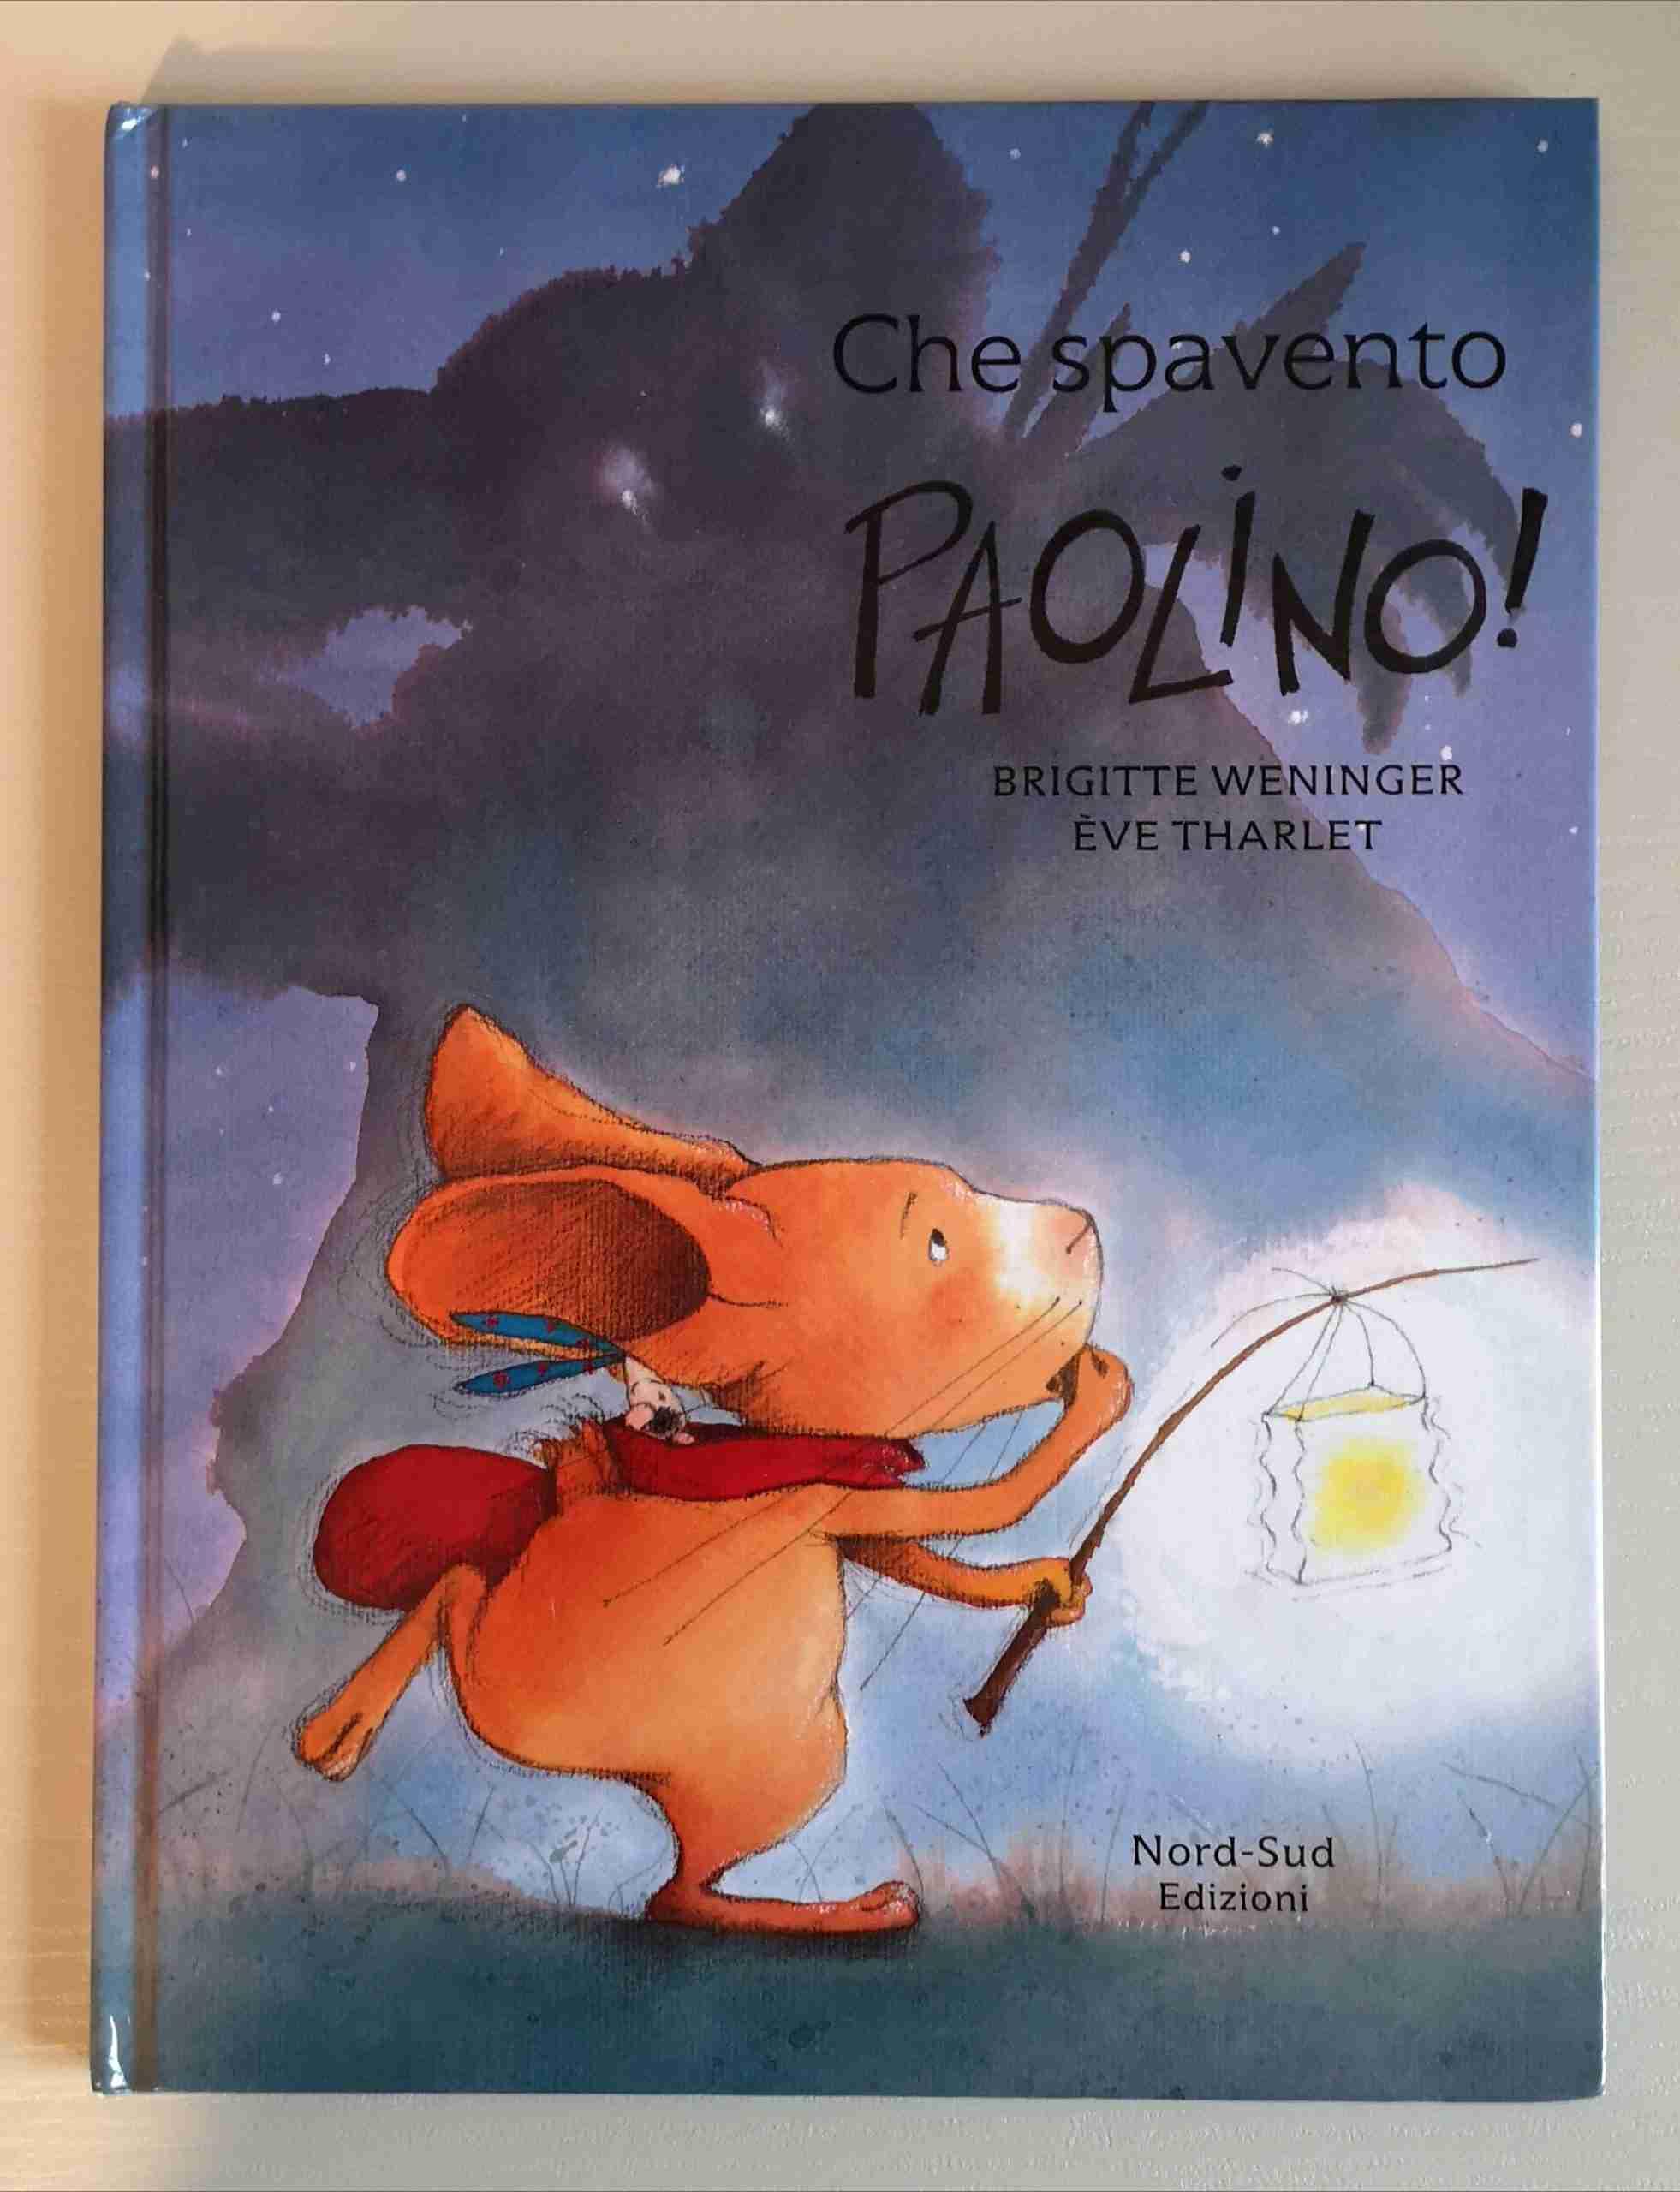 CHE SPAVENTO PAOLINO! di Brigitte Weninger eÈve Tharlet, NORD-SUD EDIZIONI